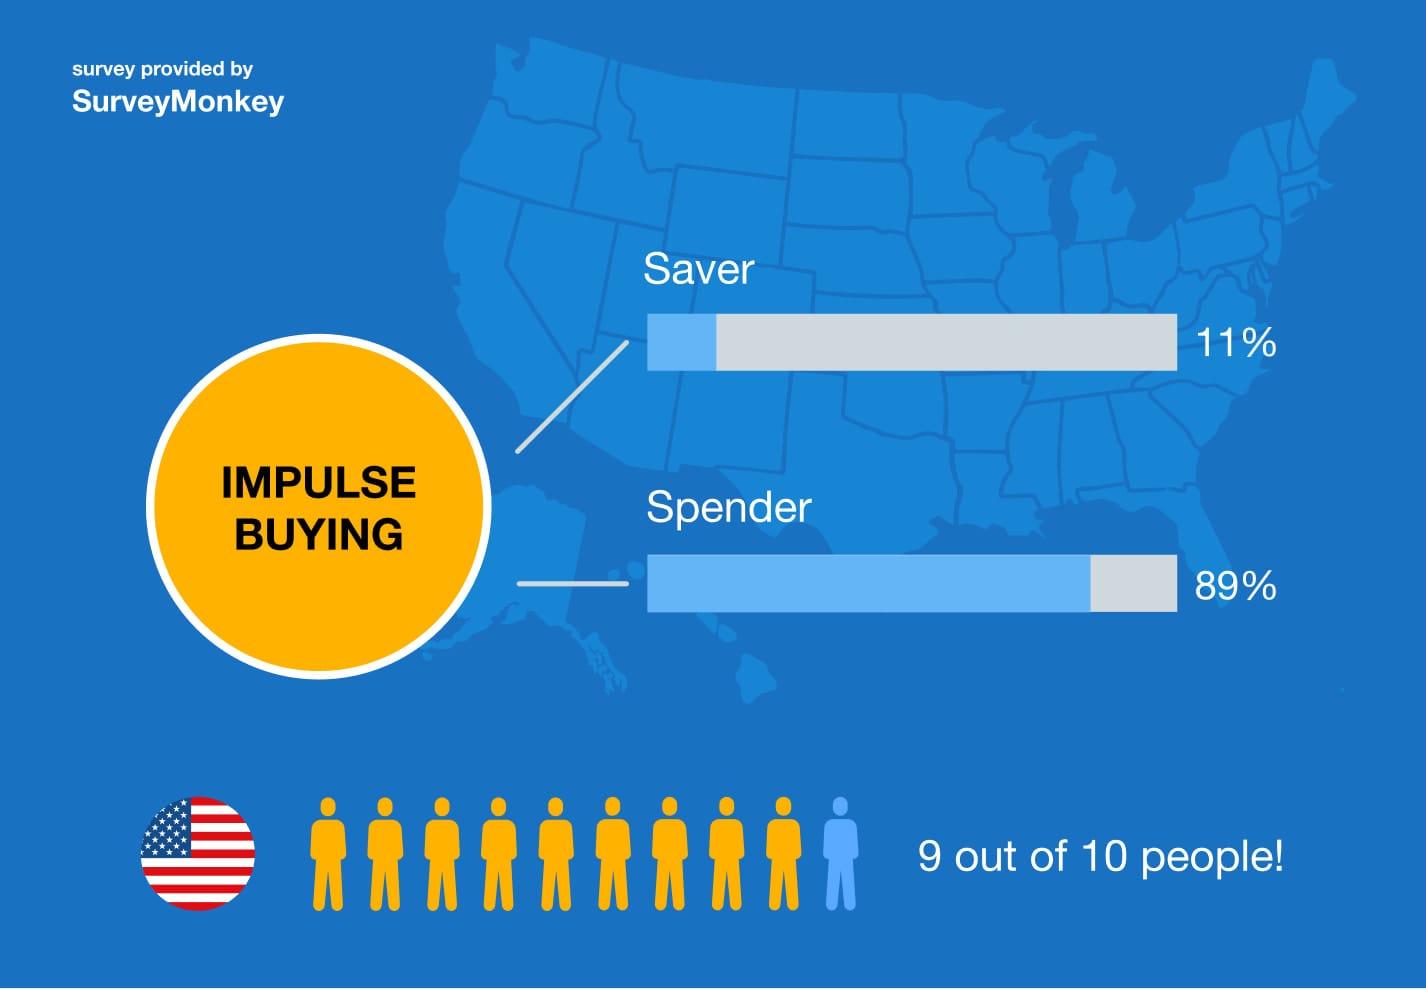 impulse buying survey monkey stats